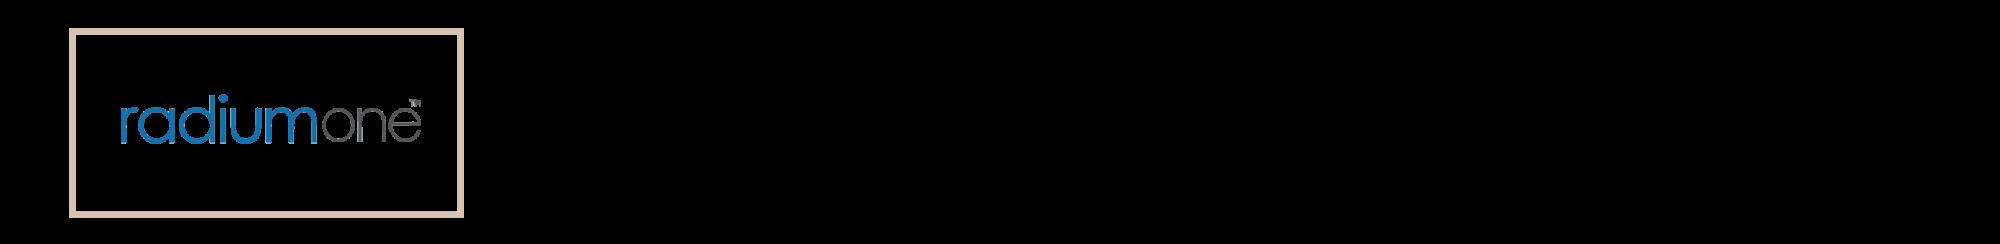 RadiumOne-EN